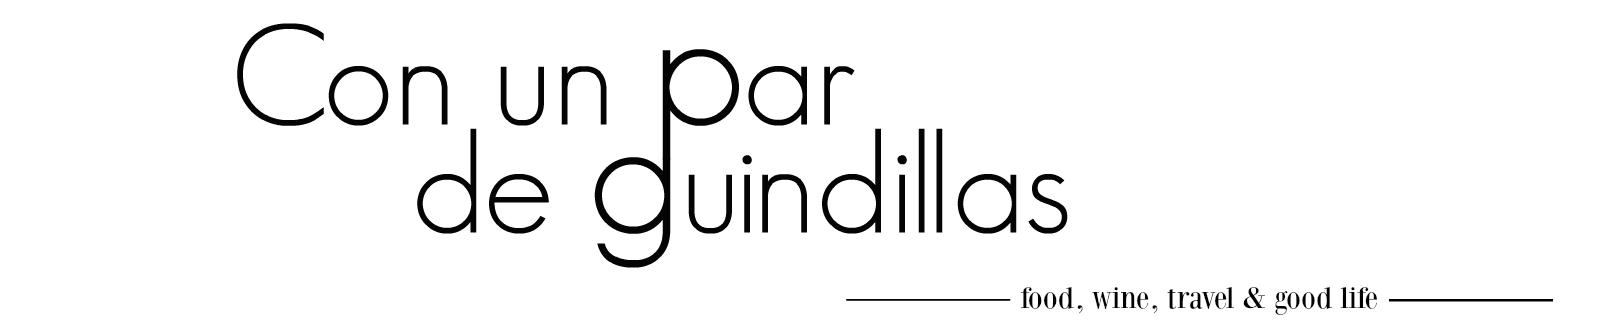 Con un par de guindillas | Gastronomía, viajes, salud y nutrición